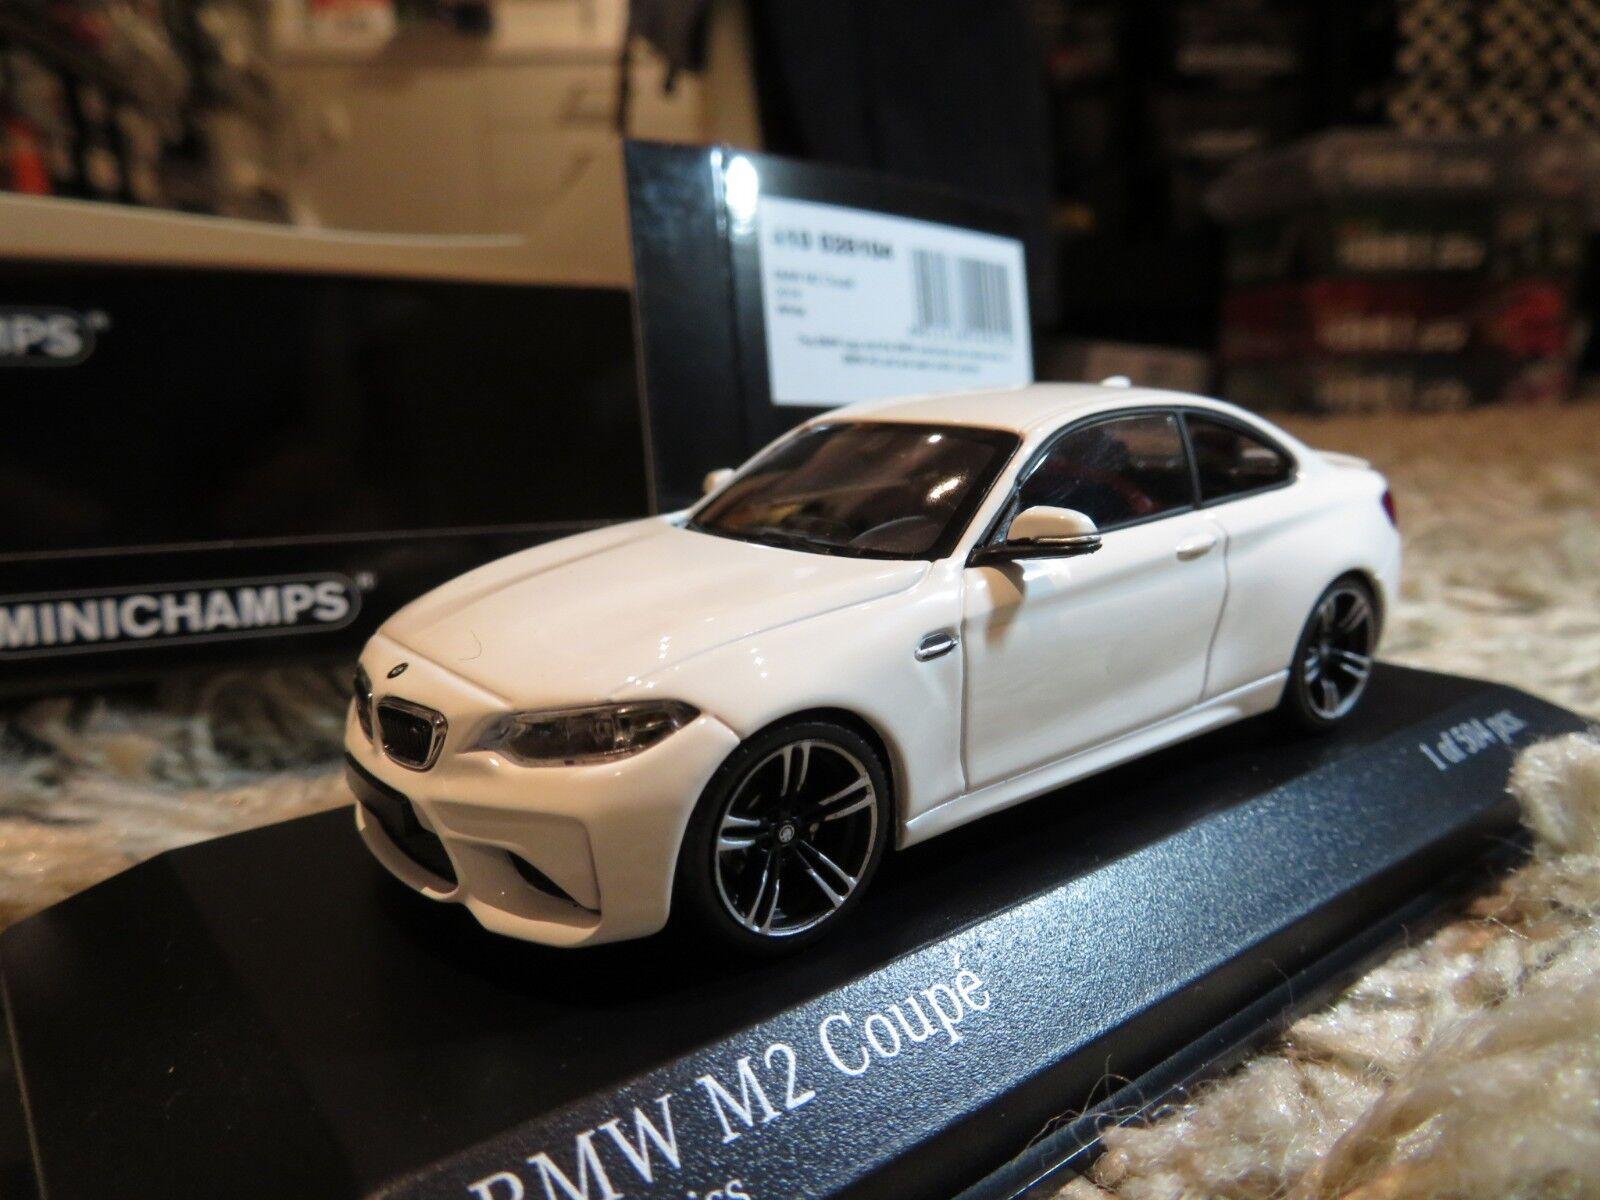 1 43 Minichamps BMW M2 Coupe (2016) diecast